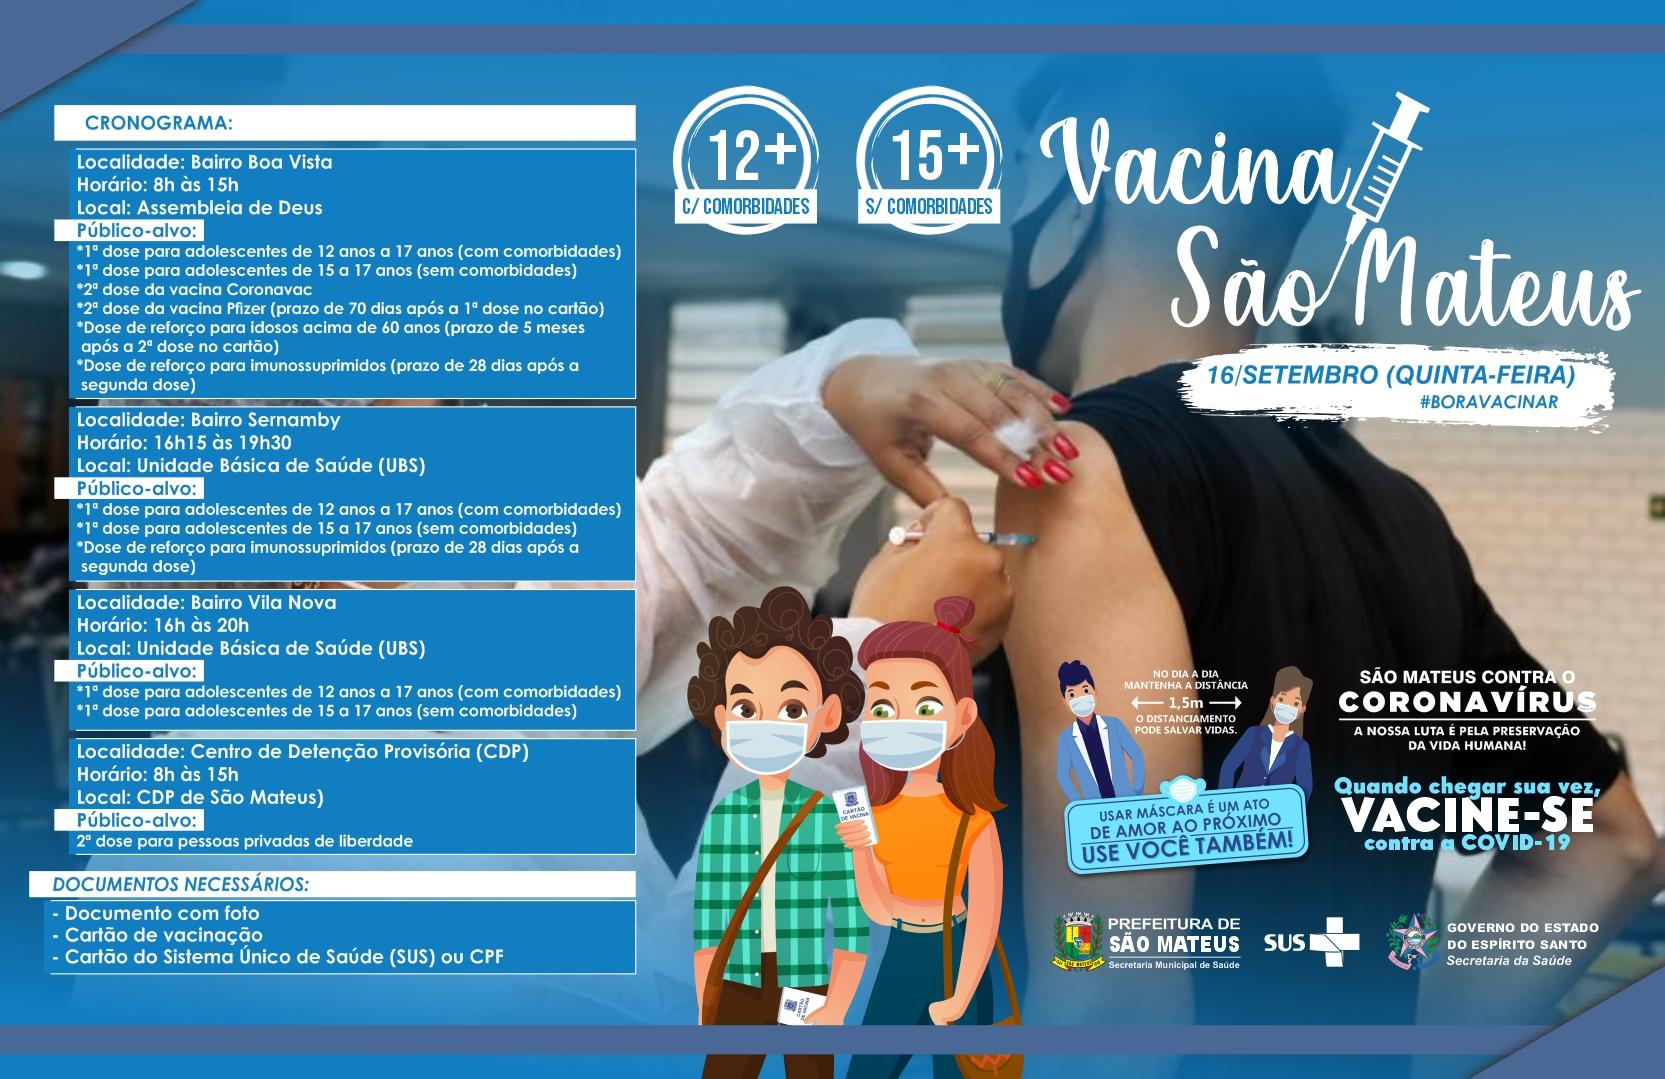 SÃO MATEUS INICIA VACINAÇÃO CONTRA COVID PARA ADOLESCENTES A PARTIR DE 12 ANOS COM COMORBIDADES E ACIMA DE 15 ANOS SEM COMORBIDADES